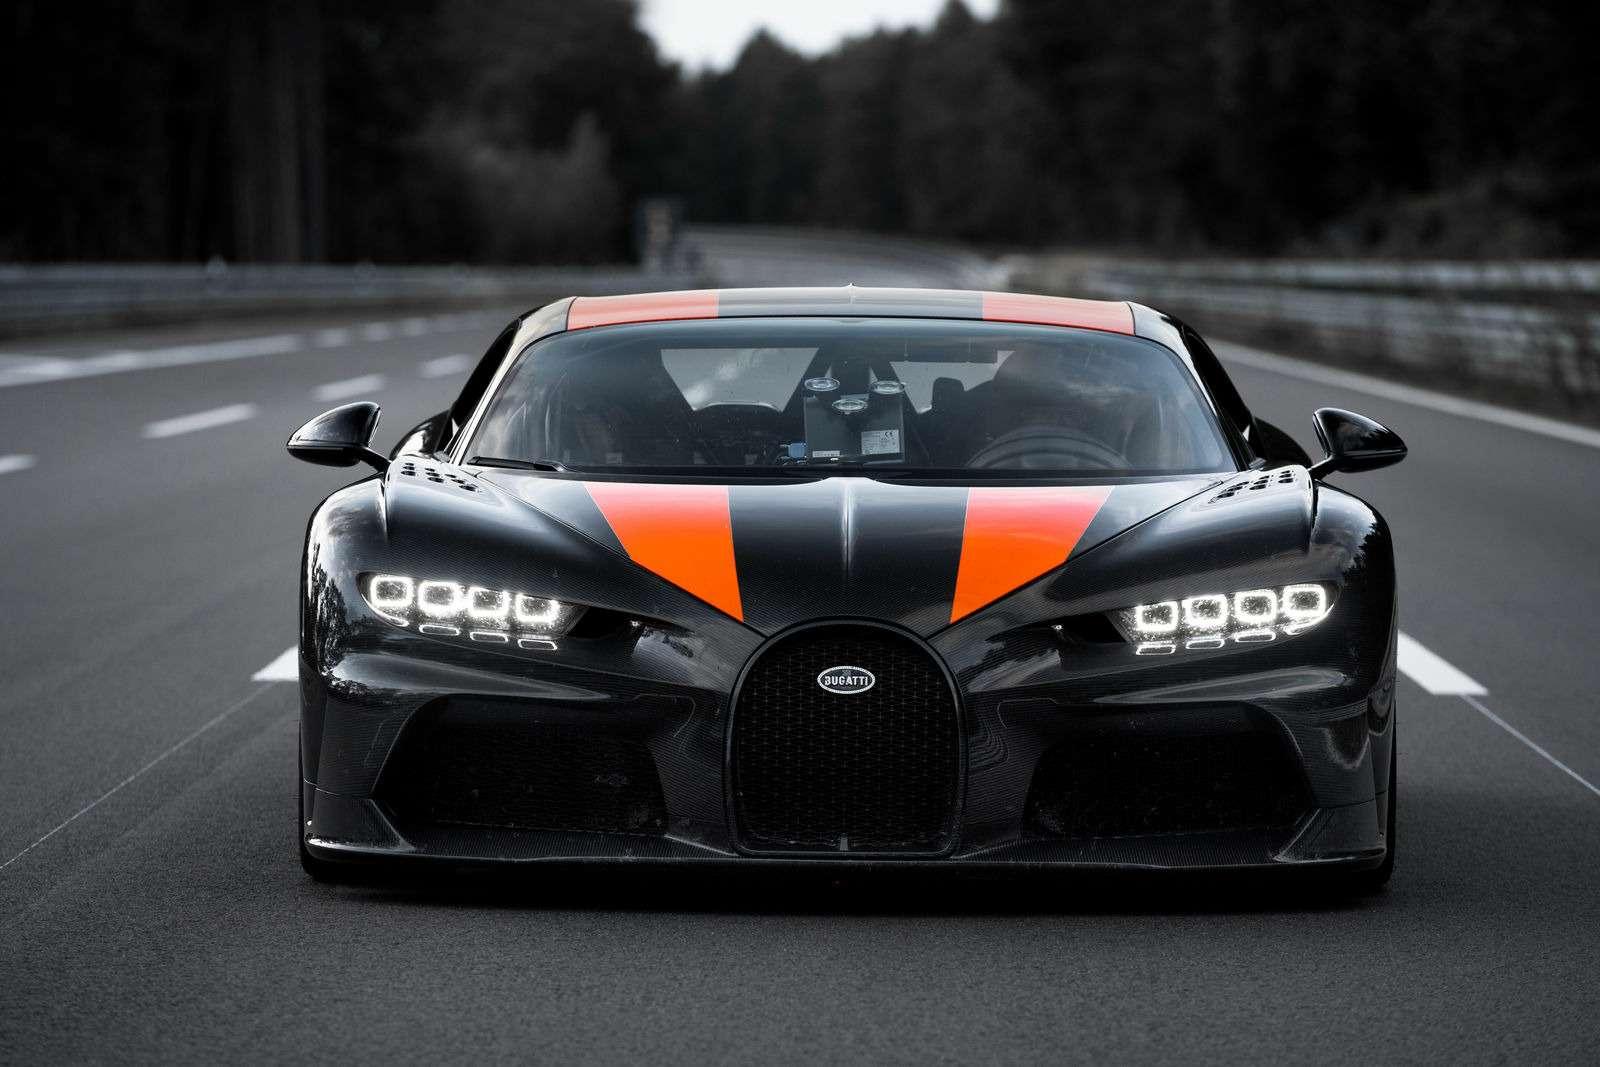 Борьба заскорость завершена: Bugatti остается непревзойденным— фото 995151